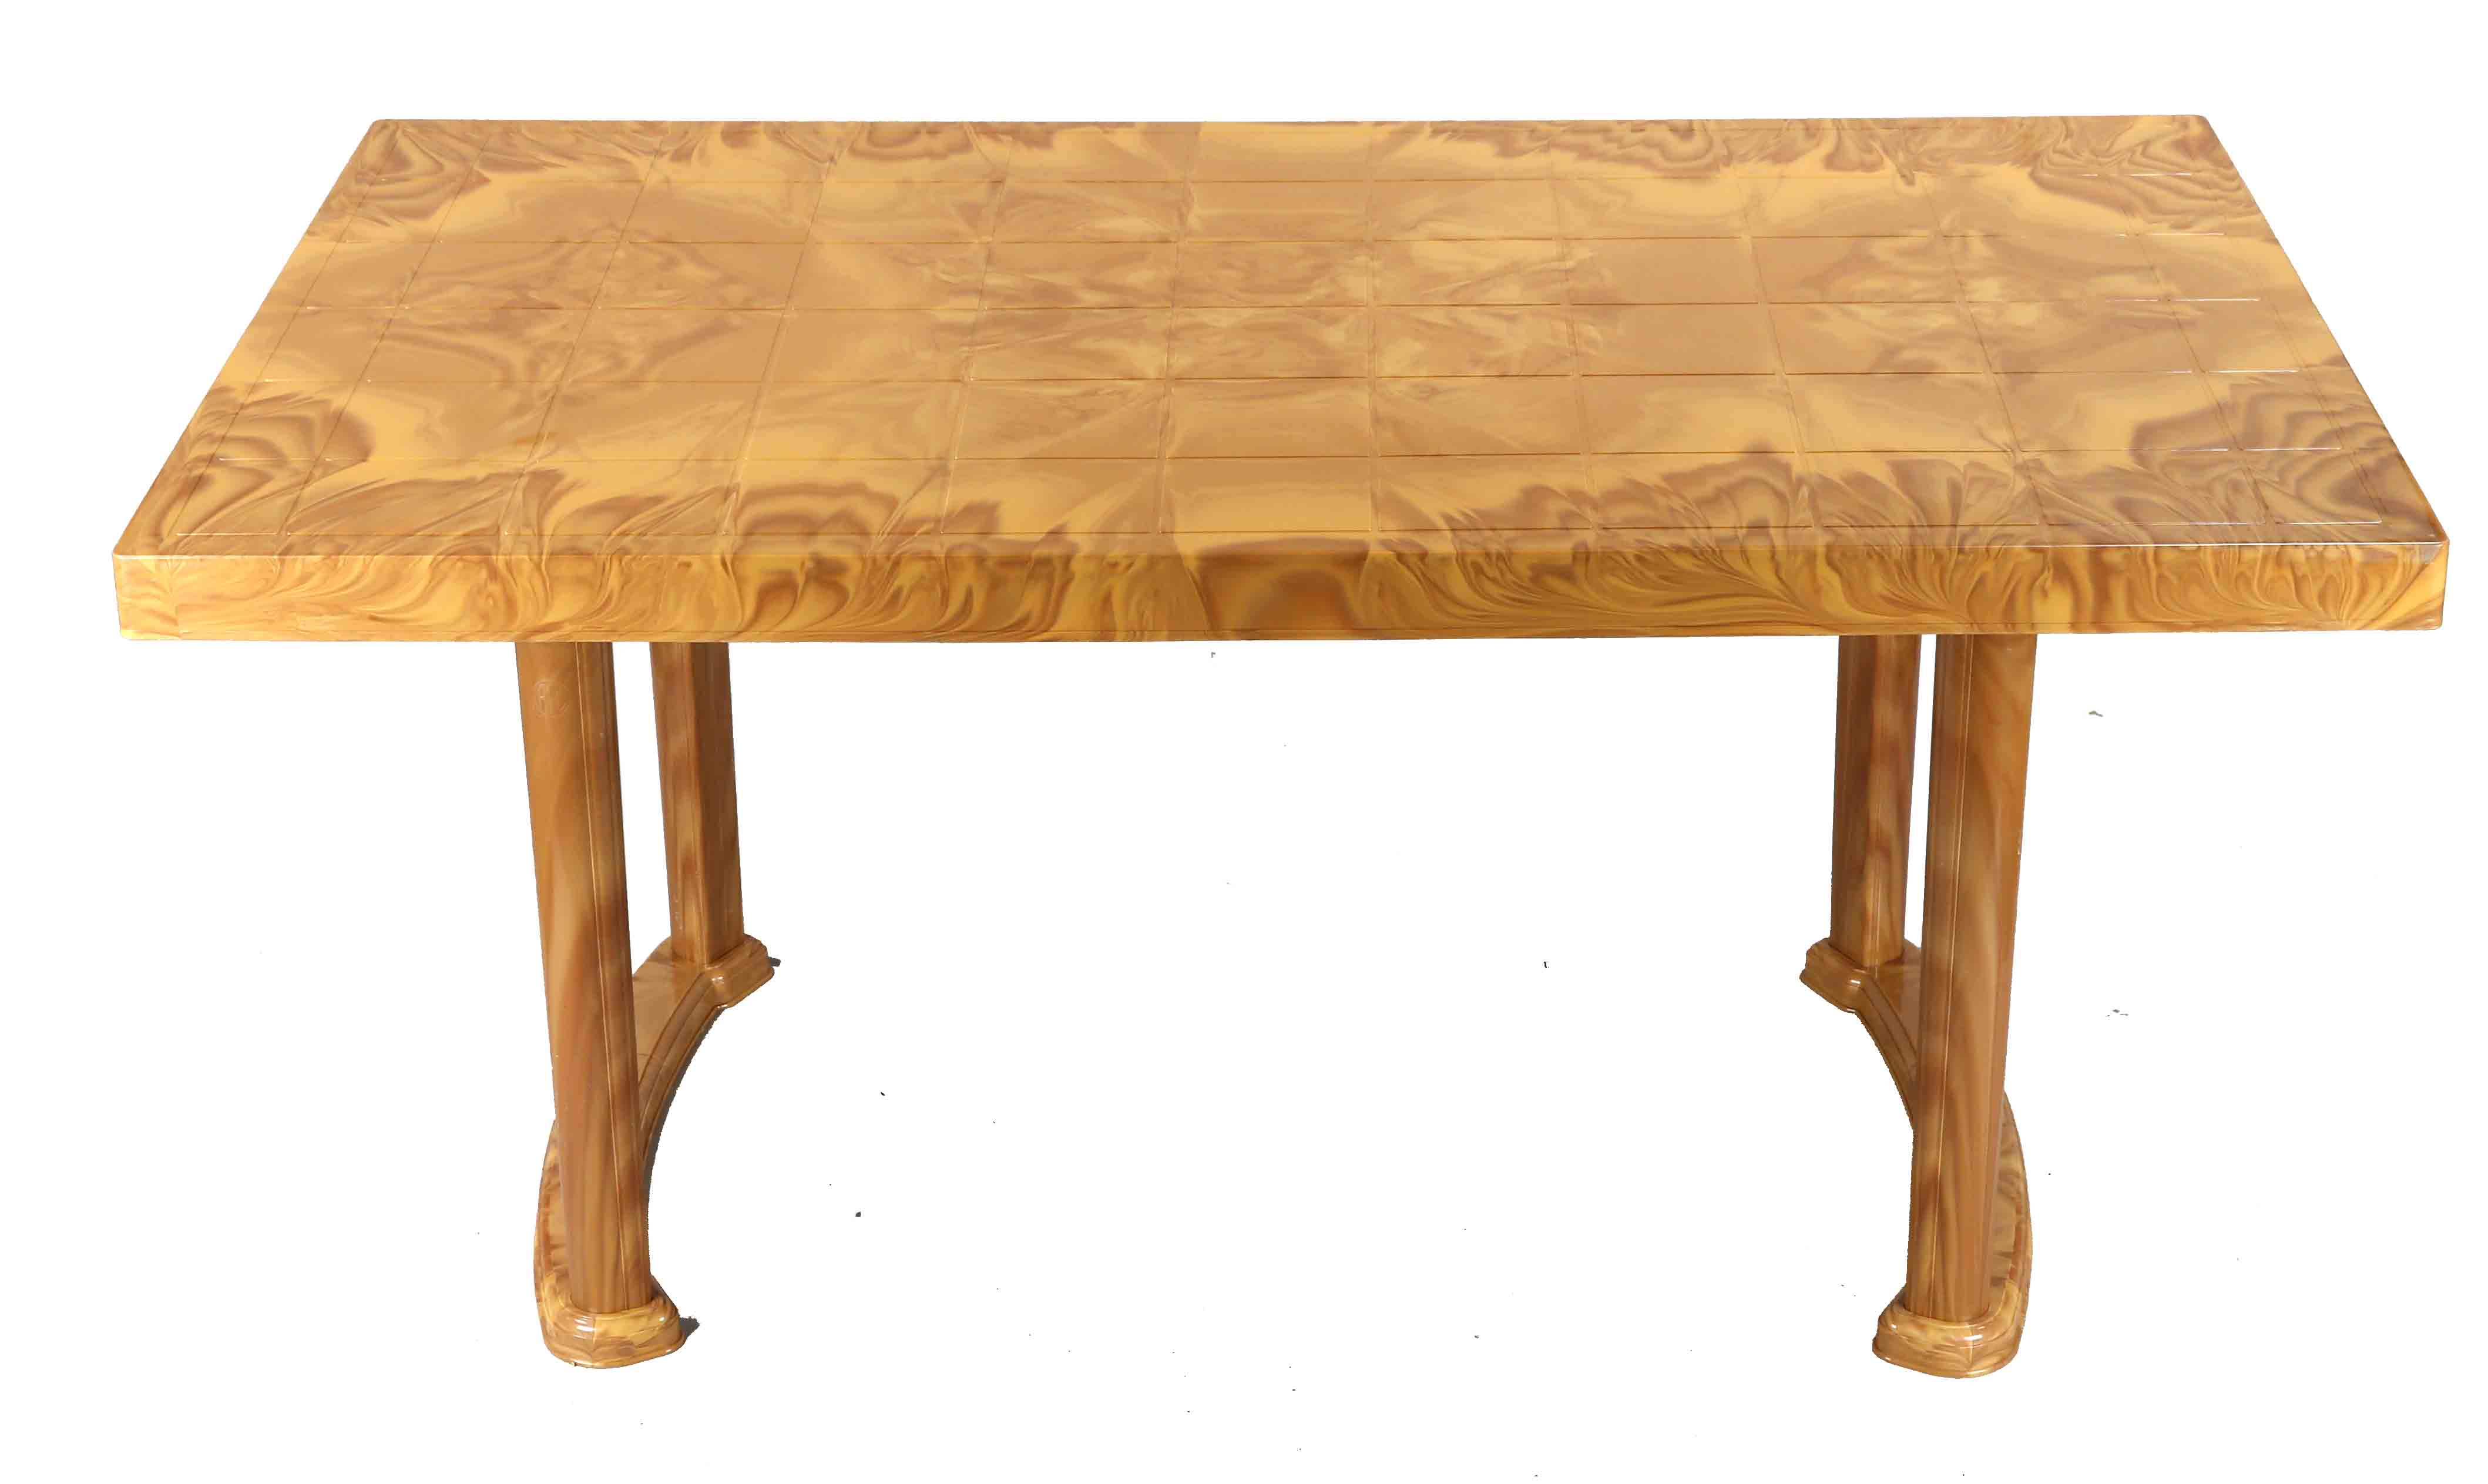 Dining Table 4 Seat Rtg Plas/Leg – Sandal Wood